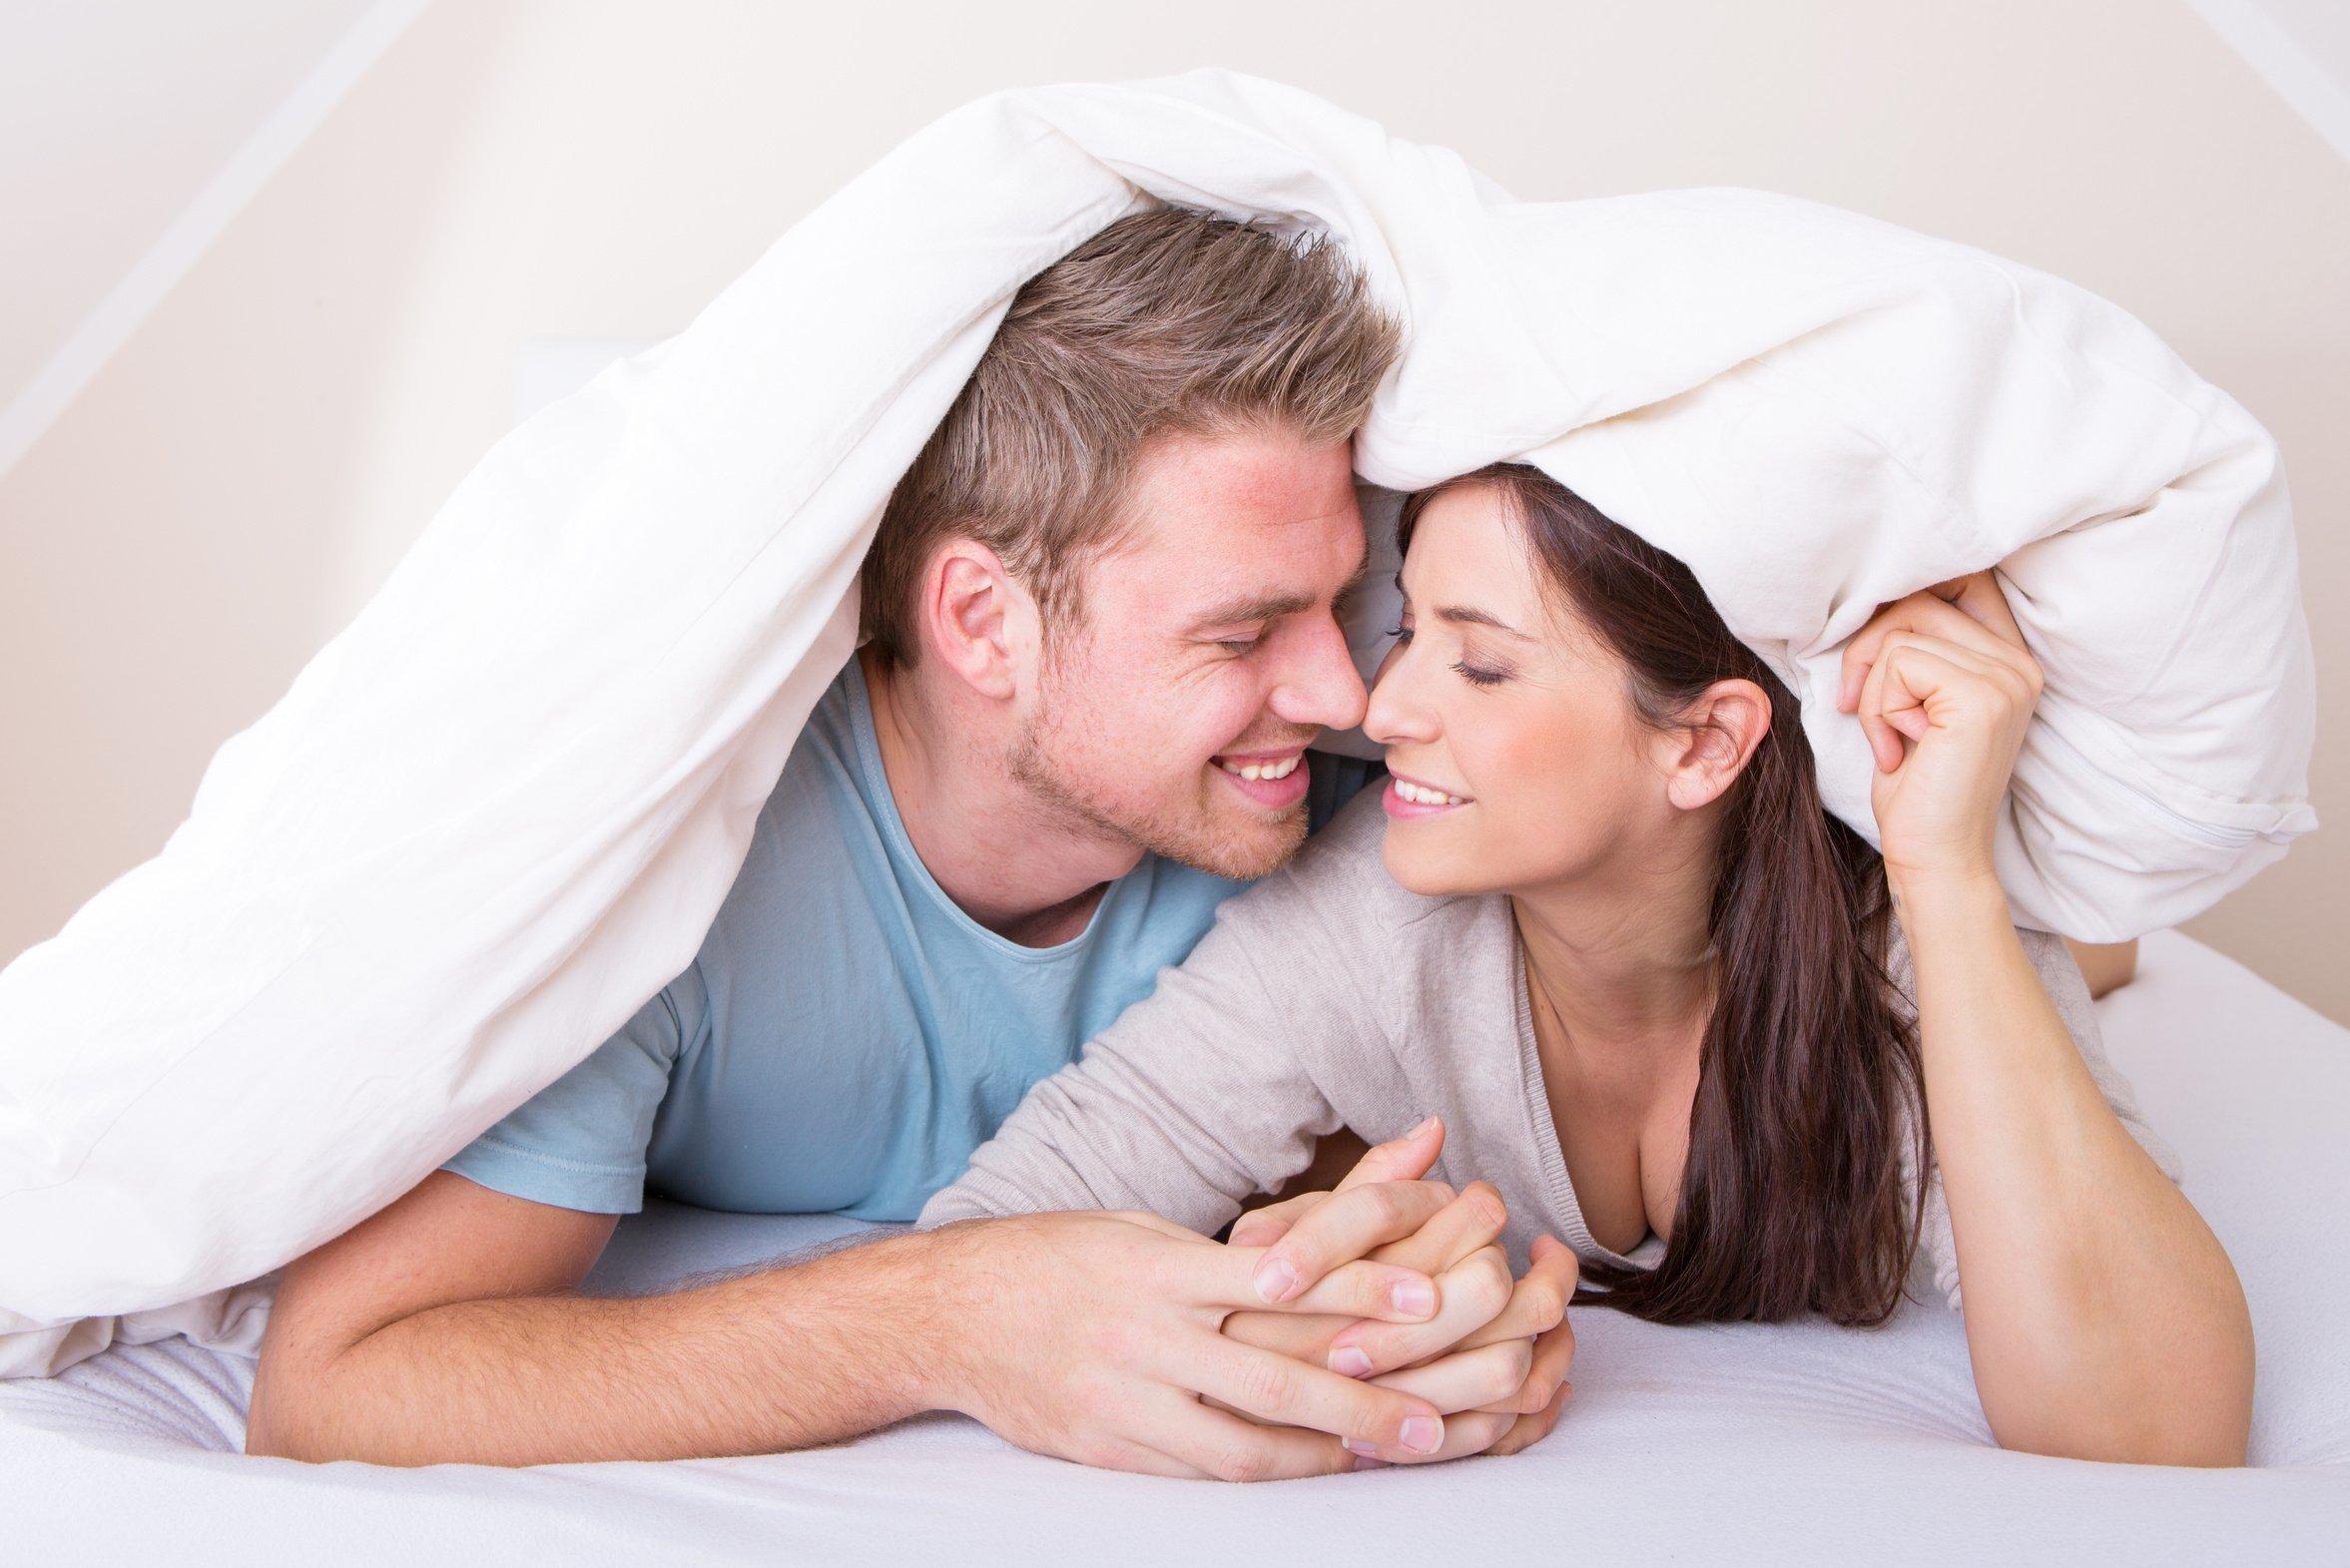 Σεξ βίντεο για τα παντρεμένα ζευγάρια